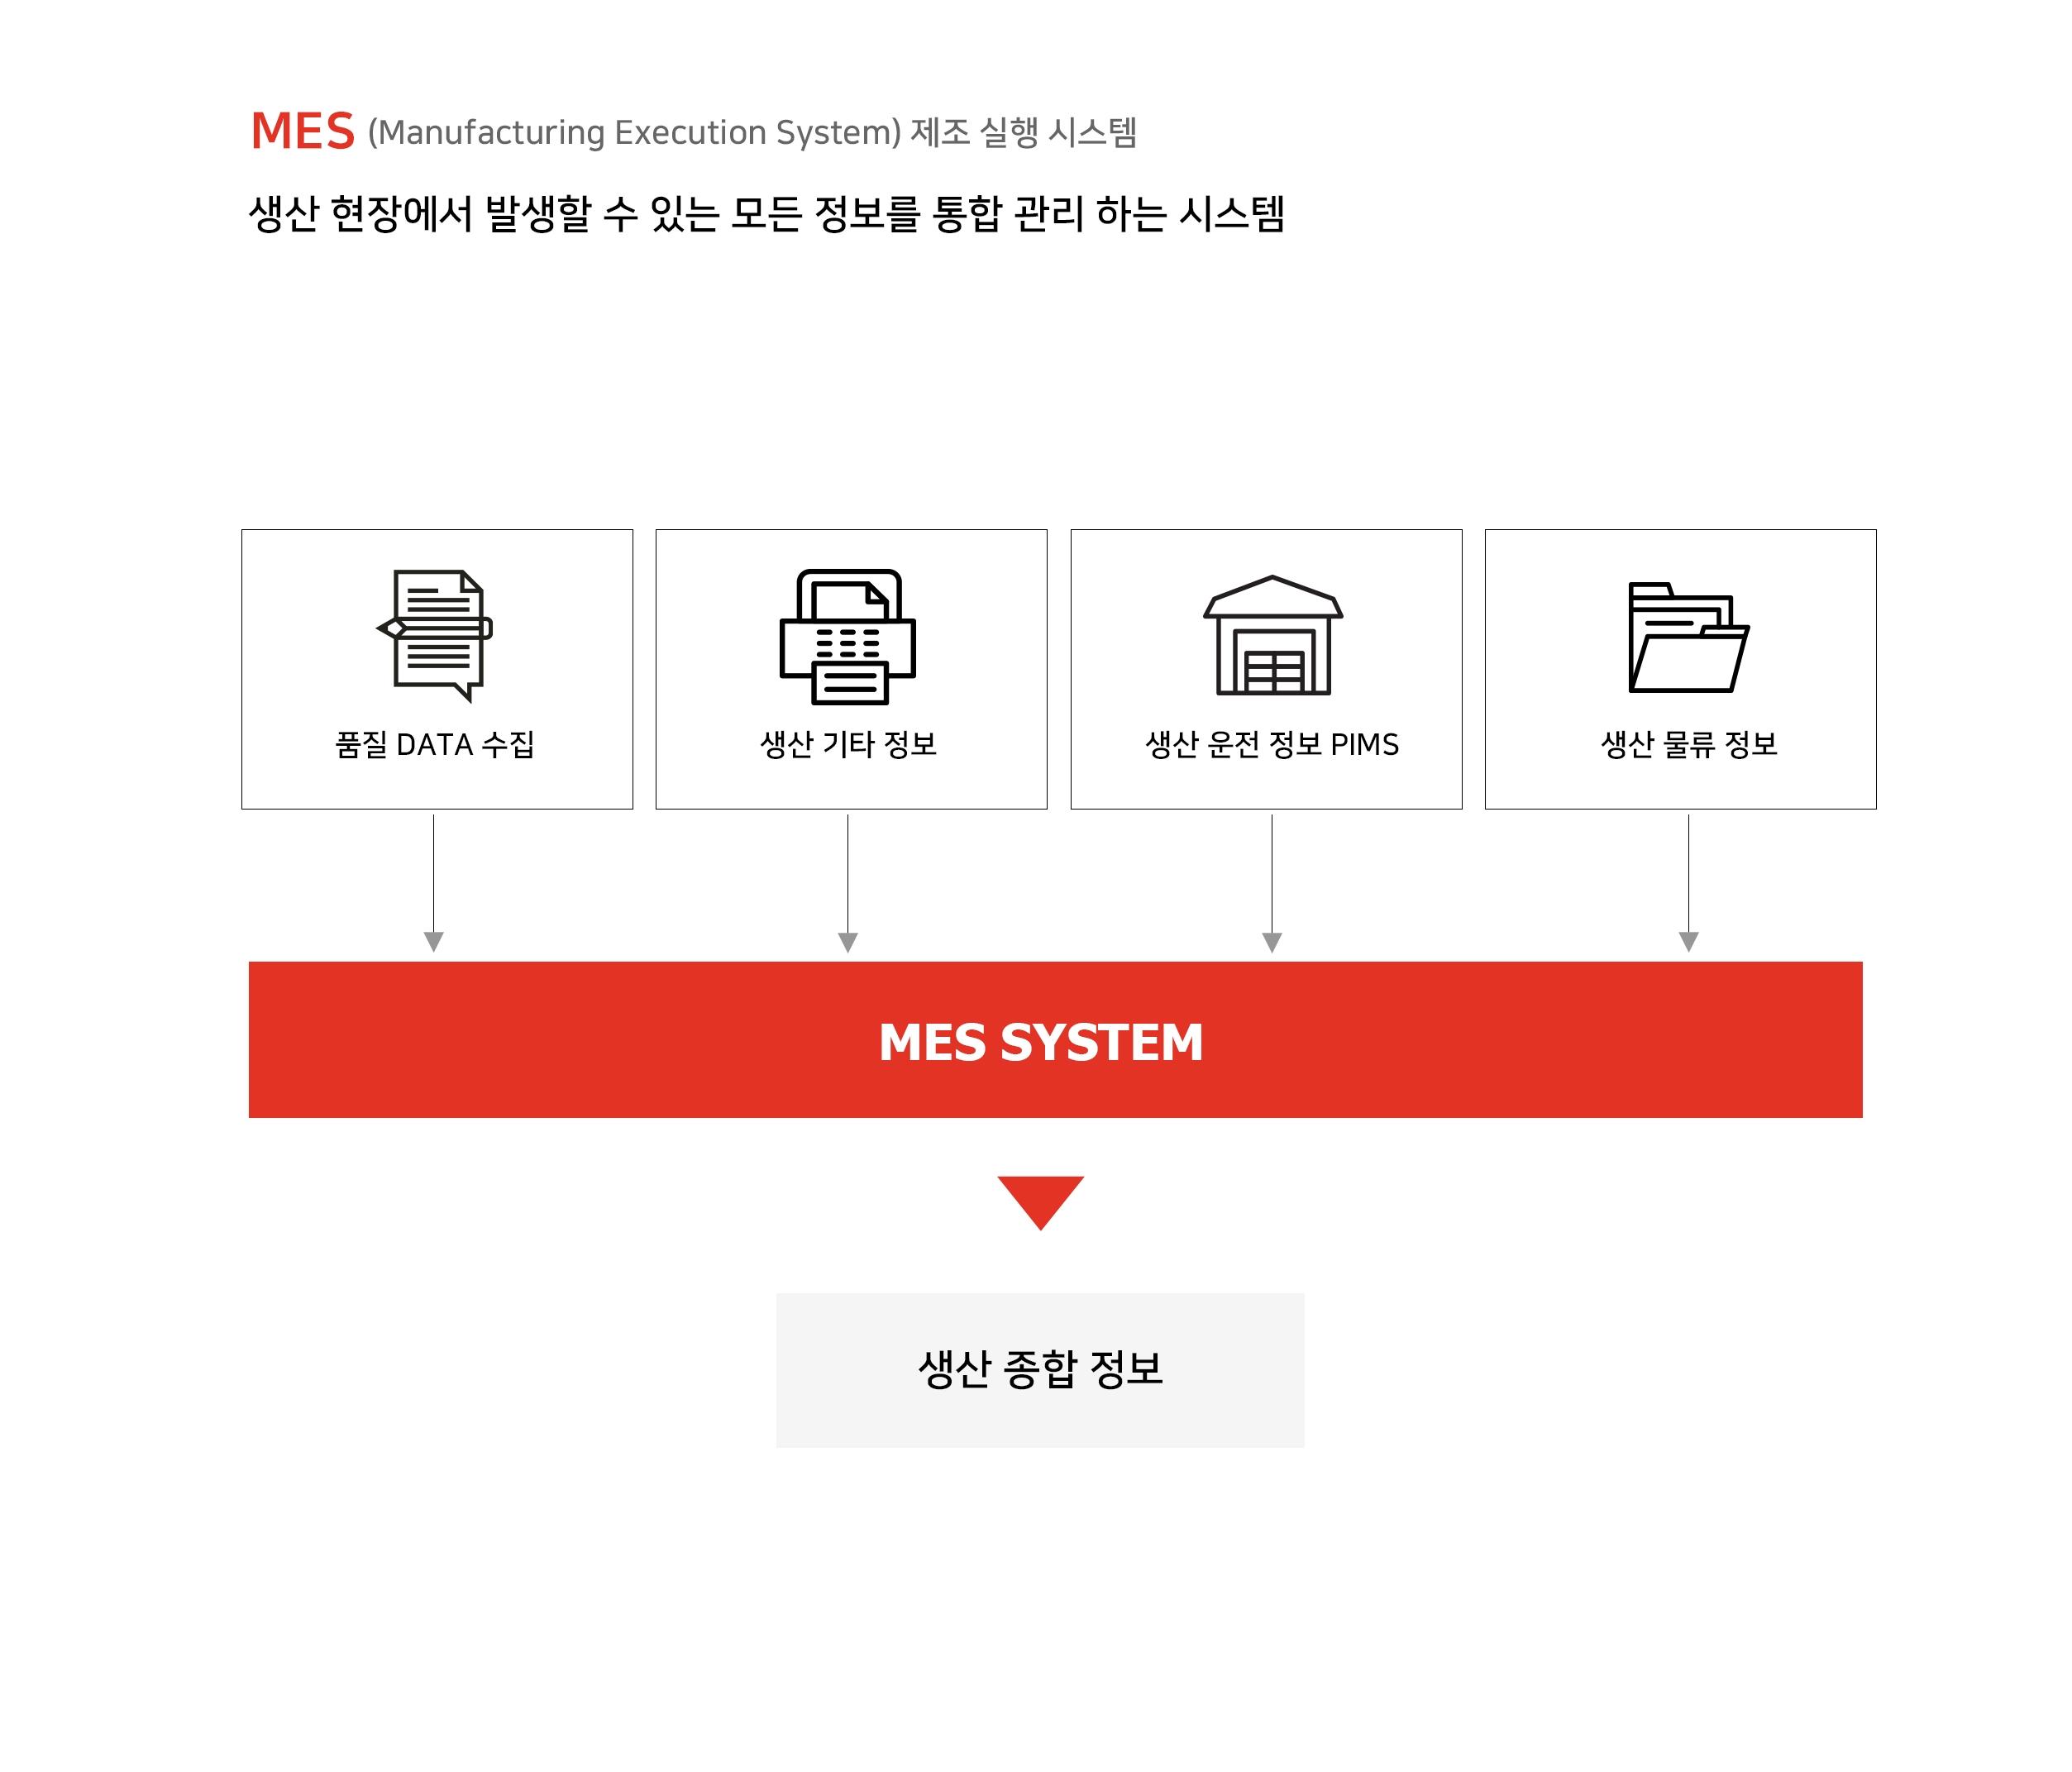 MES (Manufacturing Execution System) 제조 실행 시스템 생산 현장에서 발생할 수 있는 모든 정보를 통합 관리하는 시스템 품질 DATA 수집 생산 기타 정보 생산 운전 정보 PIMS 생산 물류 정보 MES SYSTEM 생산 종합 정보